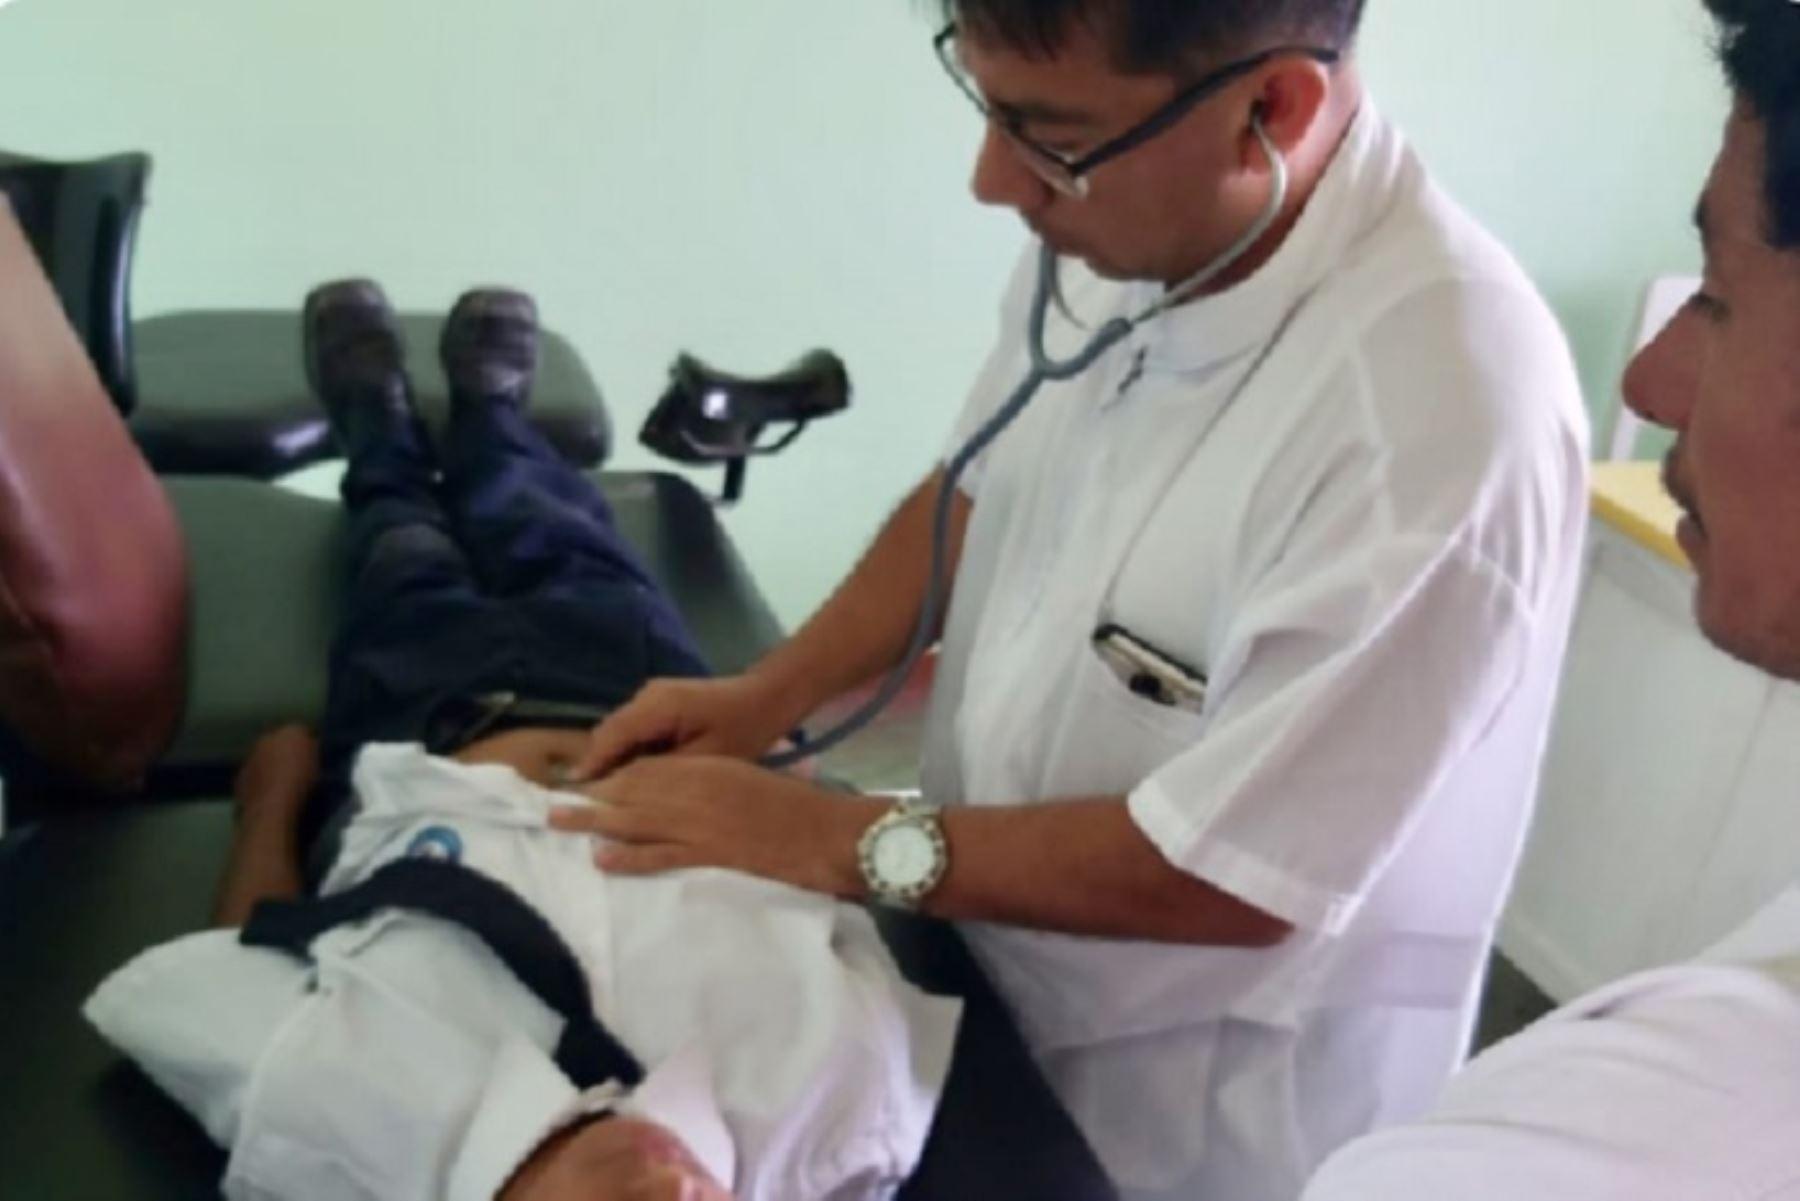 Con rápida intervención del personal de salud de la Gerencia Regional de Salud Lambayeque, se logró atender a un aproximado de 55 niños y 18 adultos con diagnóstico de enfermedad diarreica por intoxicación alimentaria. Los afectados, proceden del centro poblado Cuculí del distrito de Chongoyape, en la provincia de Chiclayo.